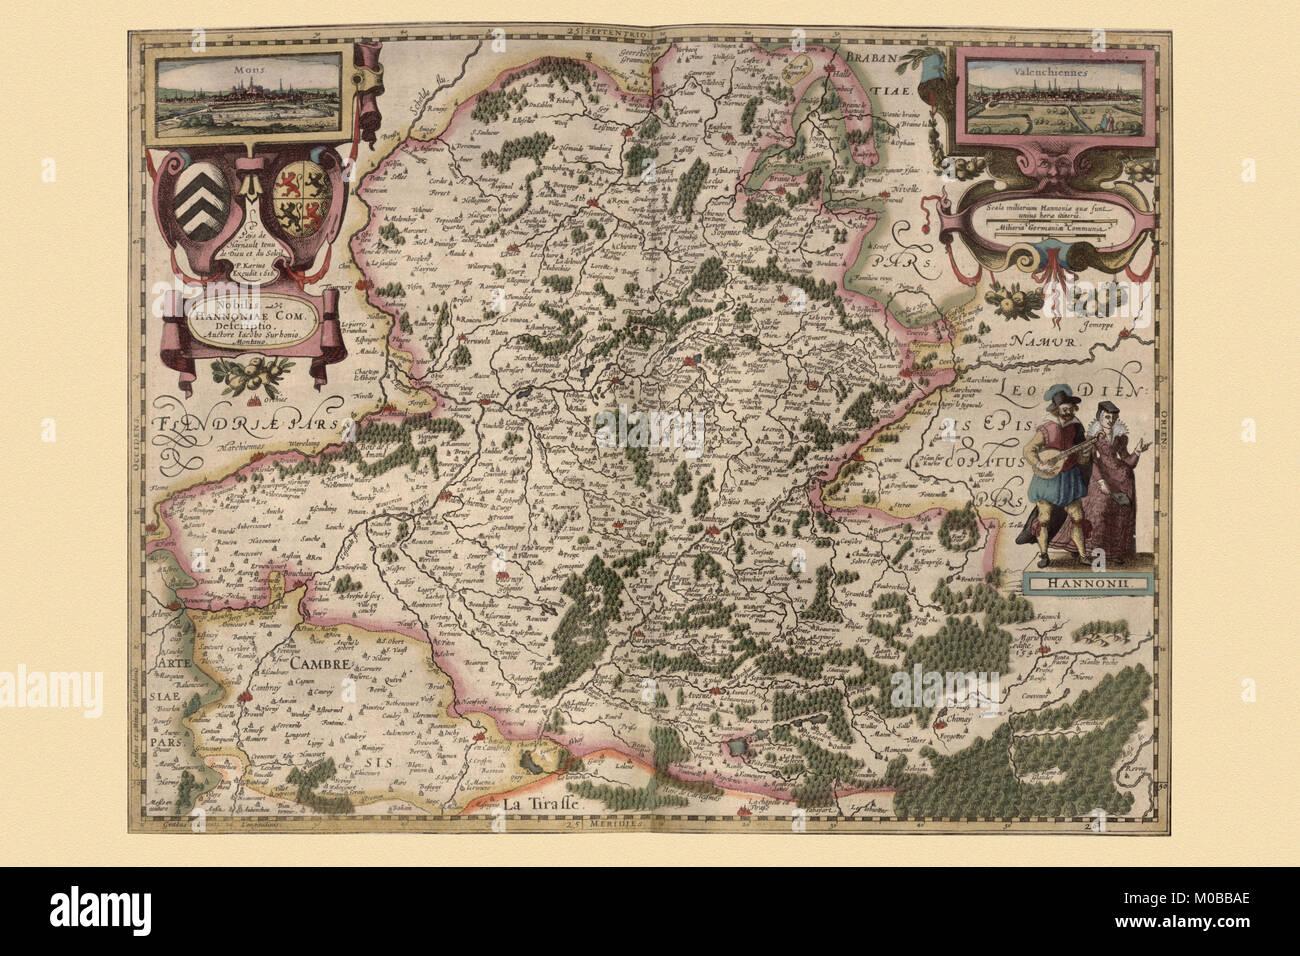 Maps of Hainot, Belgium - Stock Image